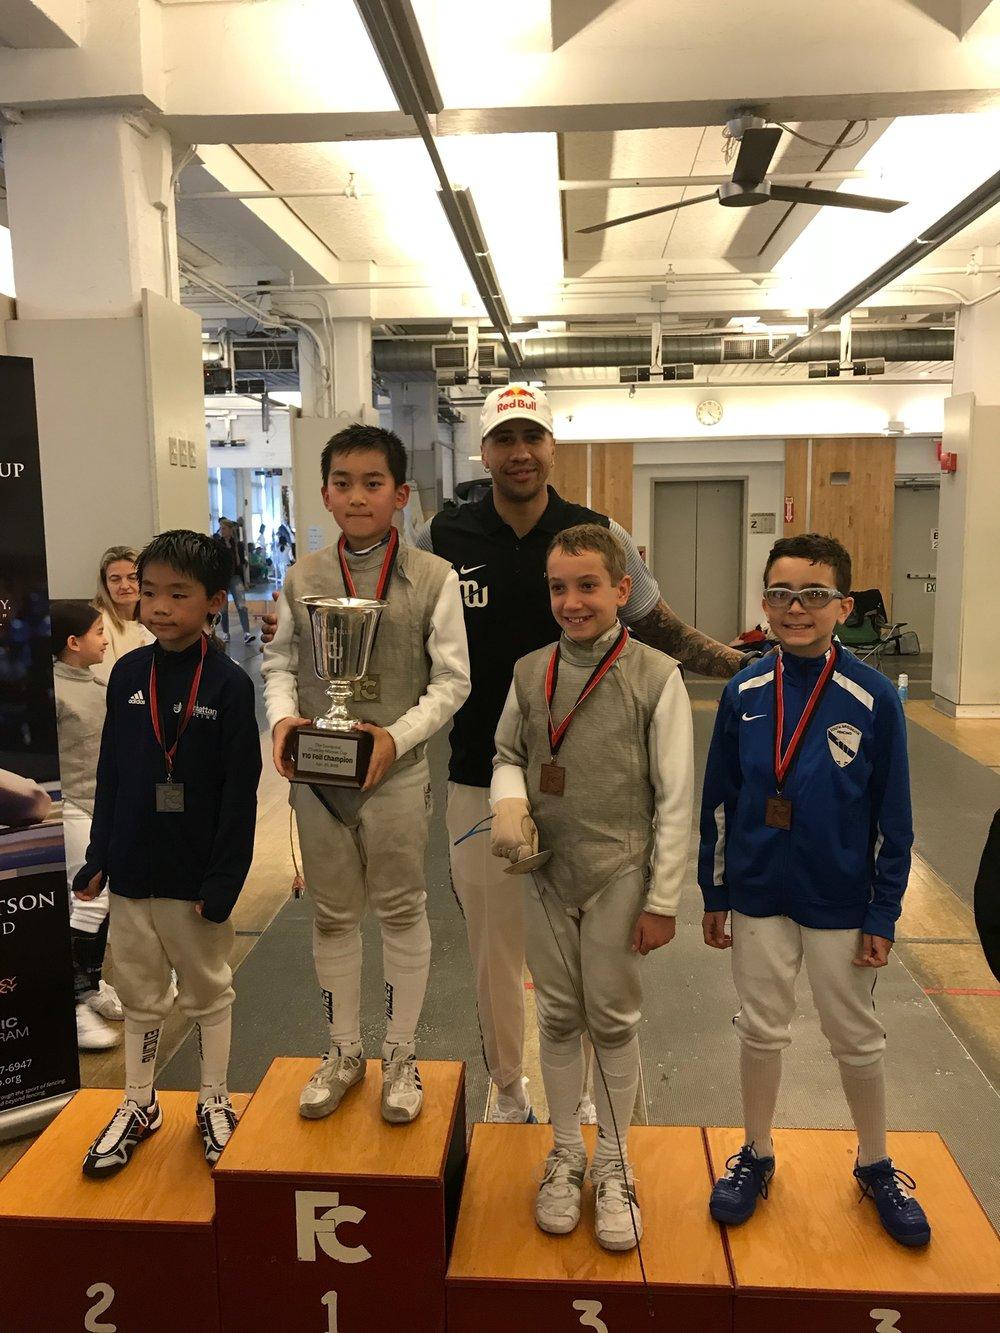 FC YOUTH Y10 (Chamley-Watson Cup) Sebastian Garcia 3srd place  April 29th 2018